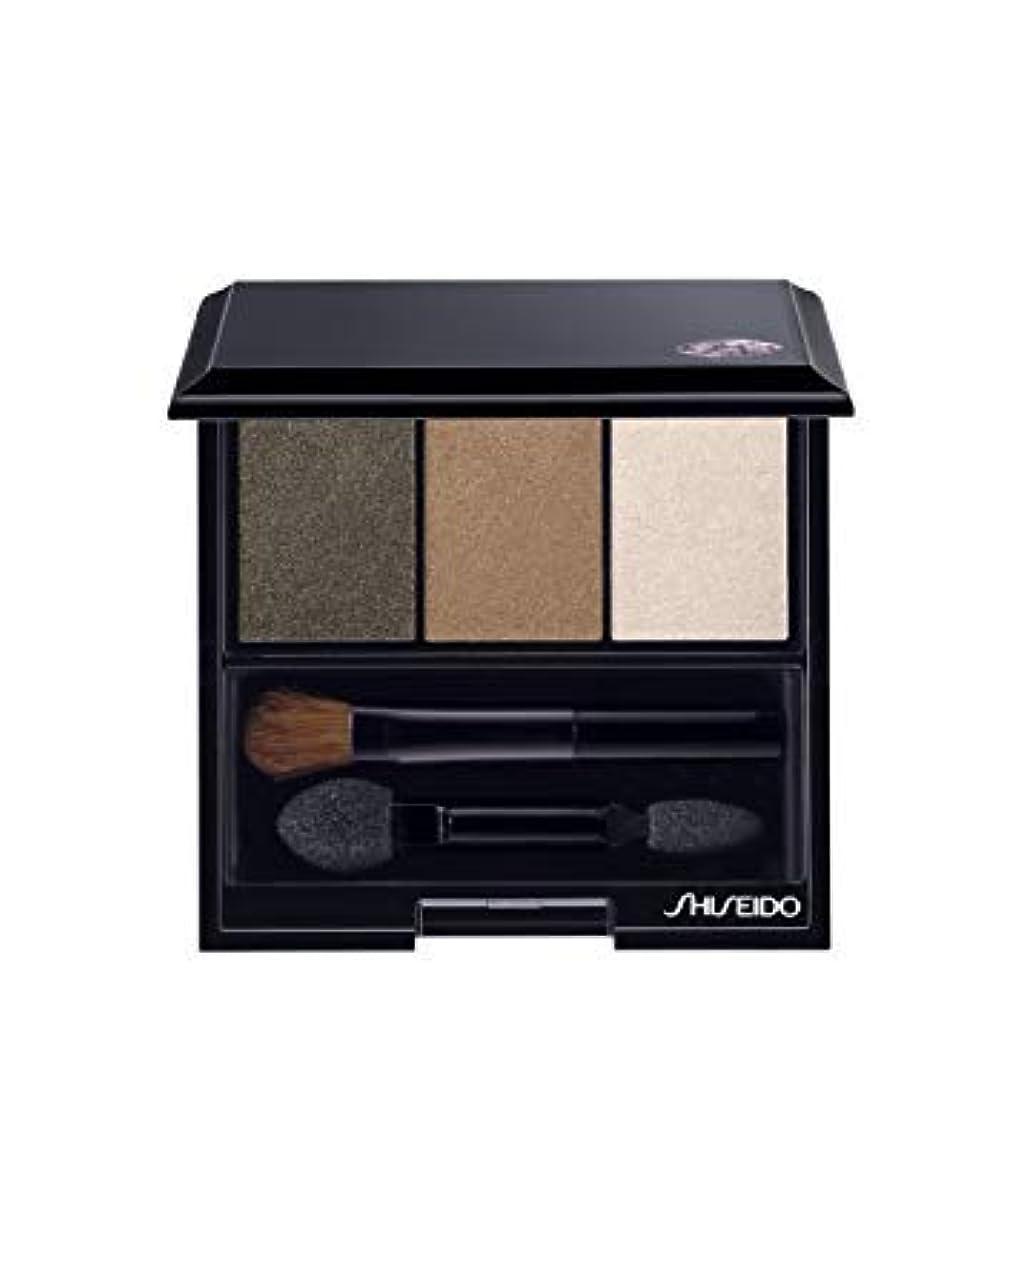 賭け慰めテクニカル資生堂 ルミナイジング サテン アイカラー トリオ BR307(Shiseido Luminizing Satin Eye Color Trio BR307) [並行輸入品]